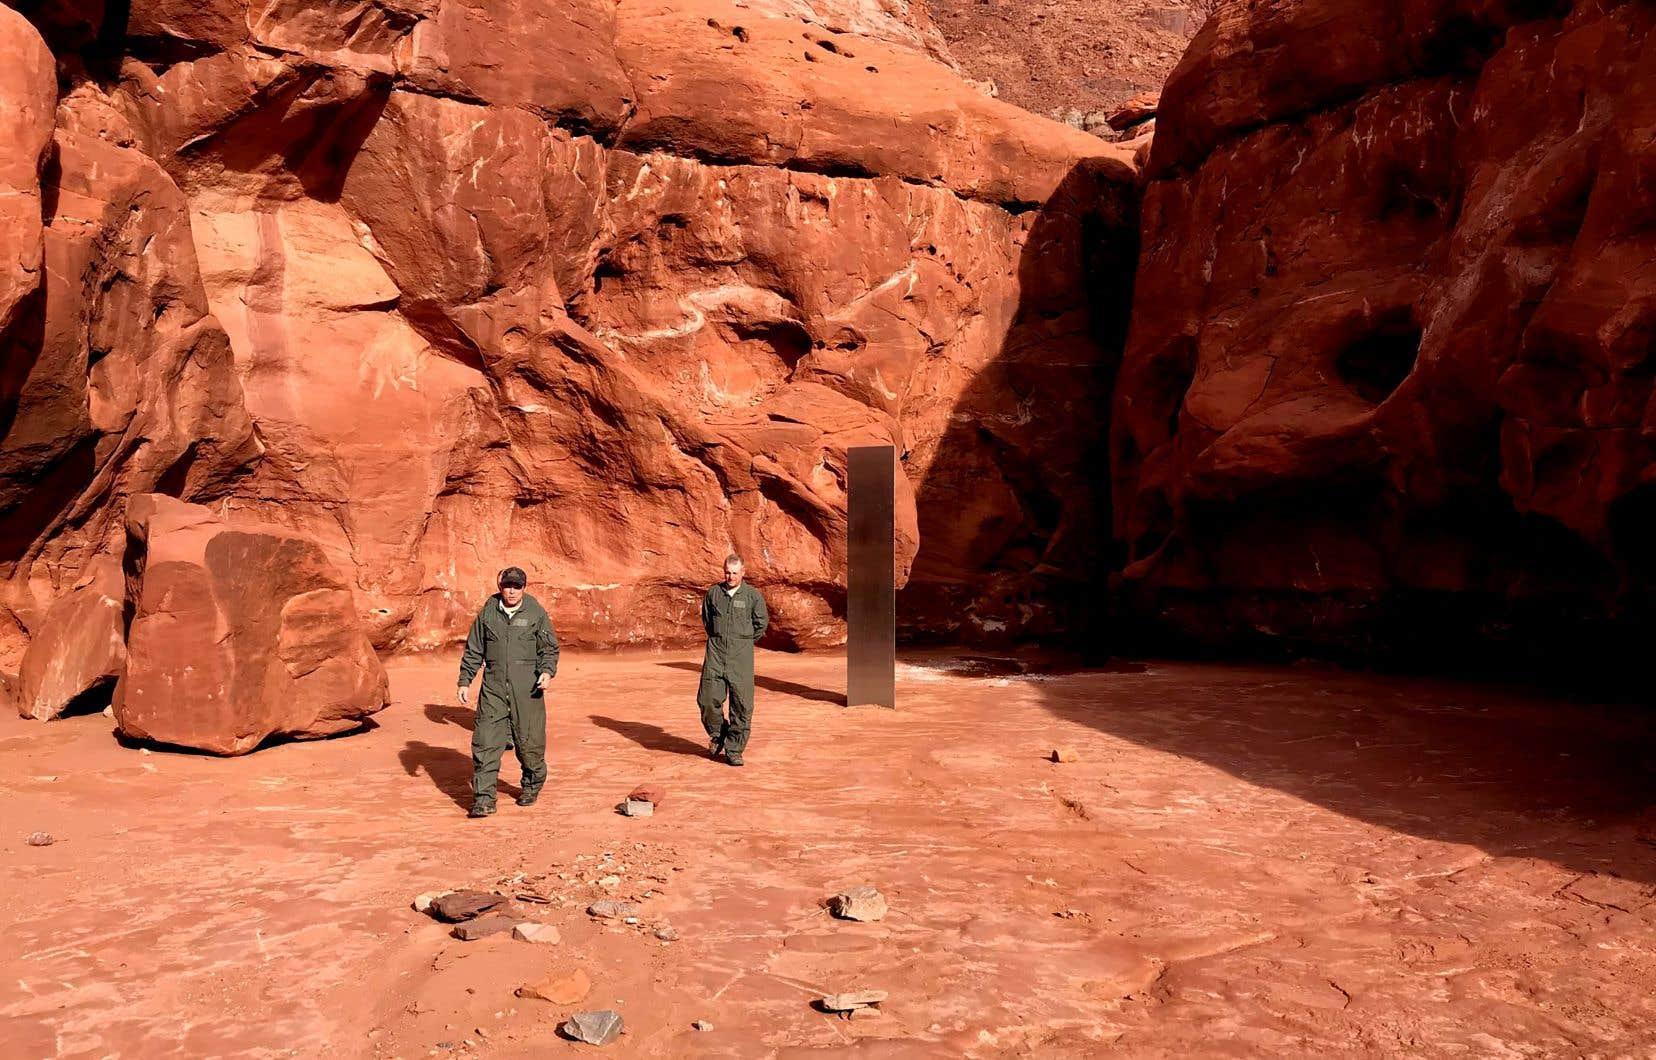 Des biologistes avaient découvert le mystérieux monolithe argenté le 18 novembre dernier.